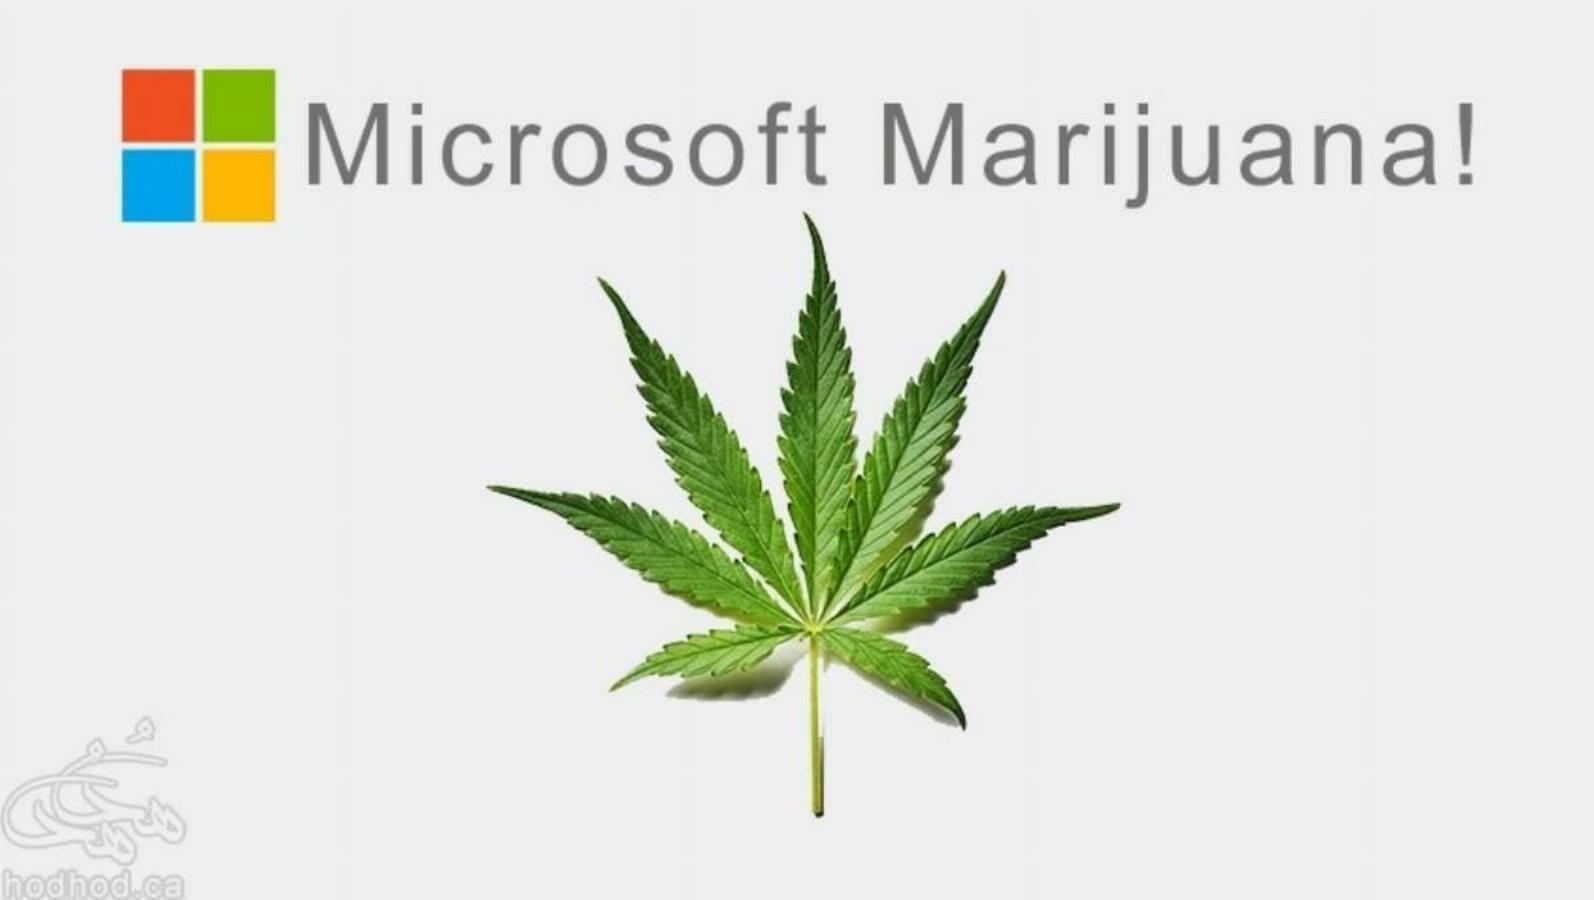 پس از خرید لینکدین، اکنون مایکروسافت به فروش ماری جوانا کمک میکند!